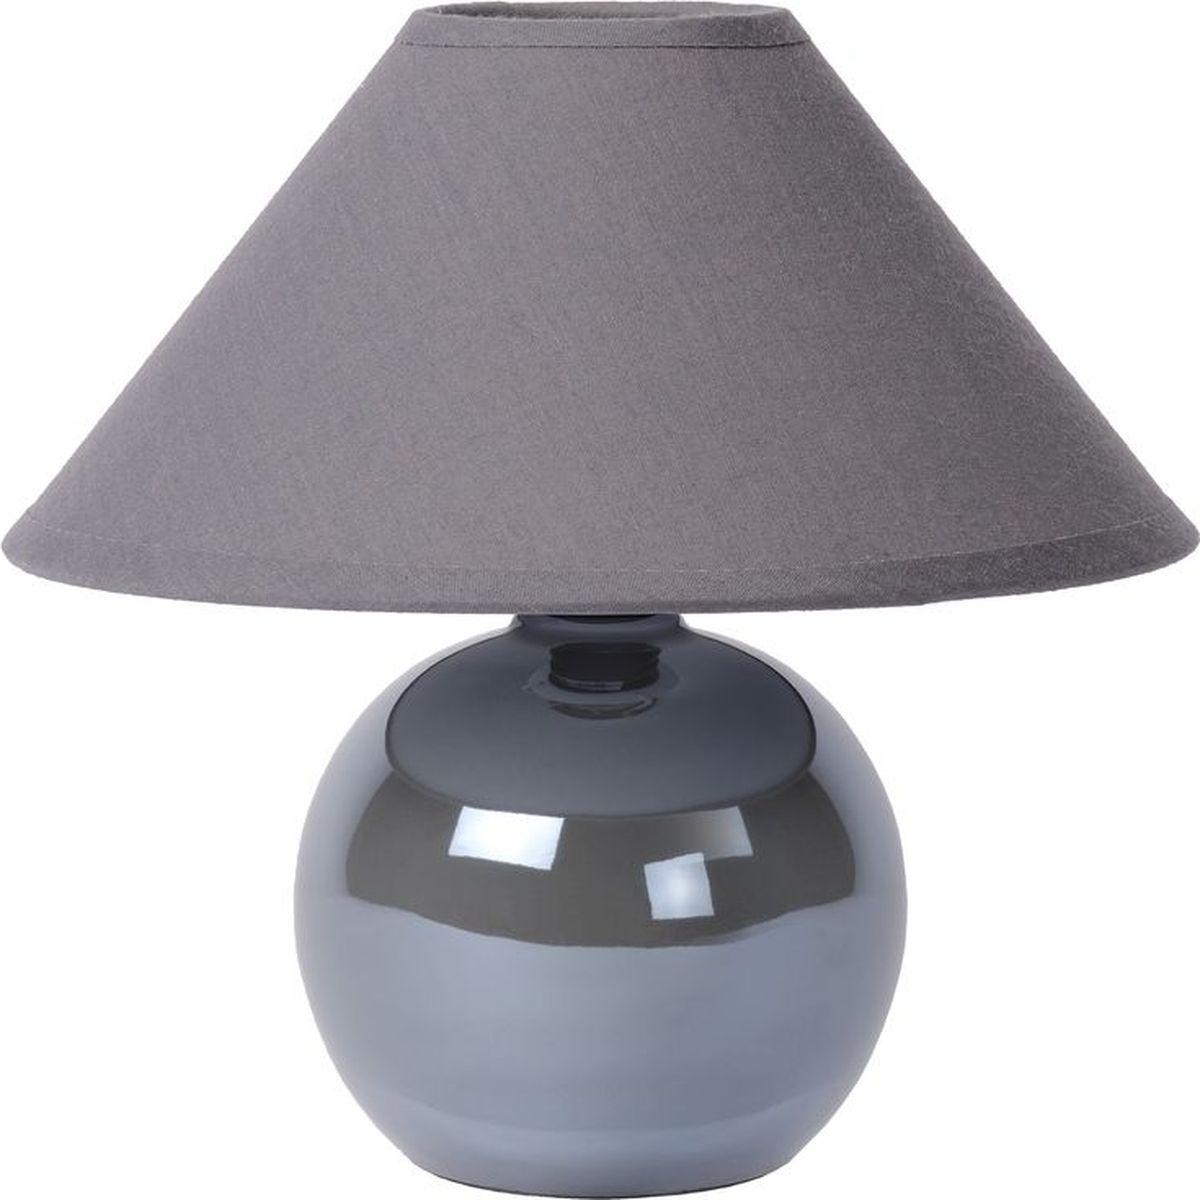 Лампа настольная Lucide Faro, цвет: серый, E14, 4 Вт. 14553/81/3614553/81/36Стильная лампа отлично дополнит ваш интерьер. Сочетание глянцевого и матового материалов несомненно вам понравится.